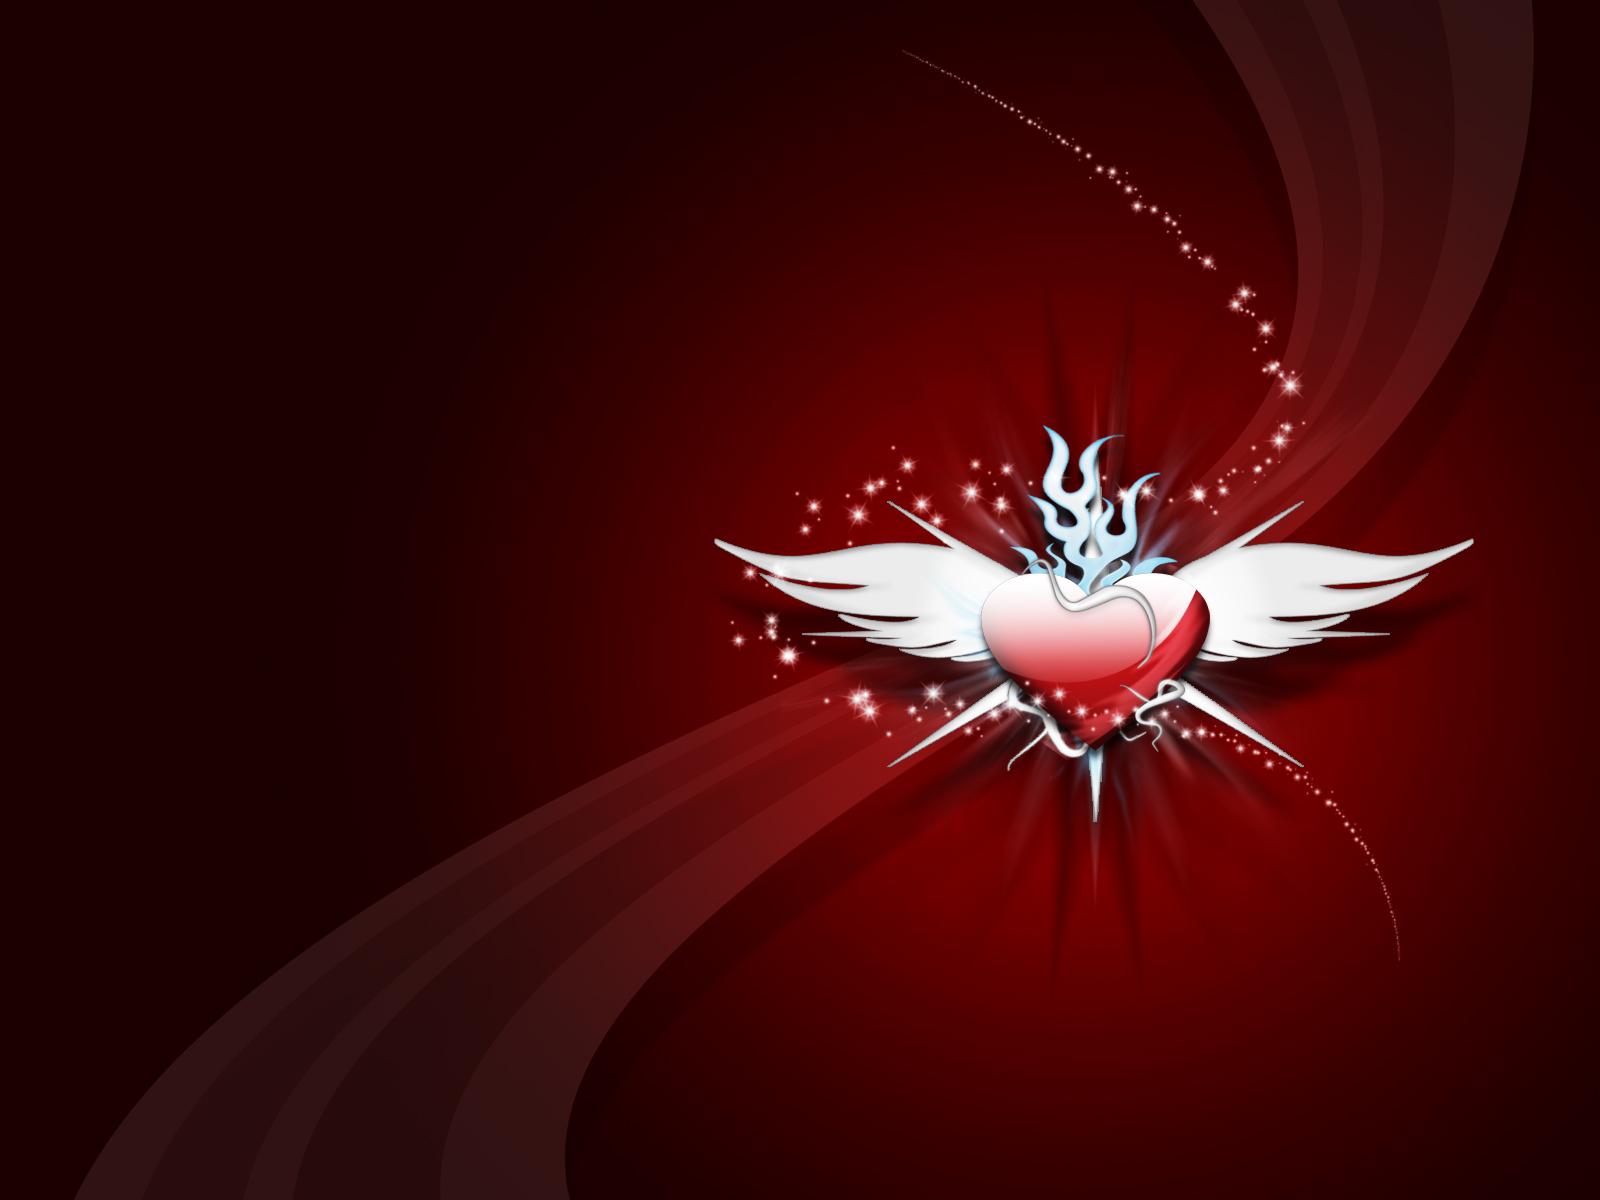 http://3.bp.blogspot.com/_THEKFX0-mgc/TCXHxZrOX_I/AAAAAAAAAmg/G1RMgvtIrIg/s1600/cupid.jpg